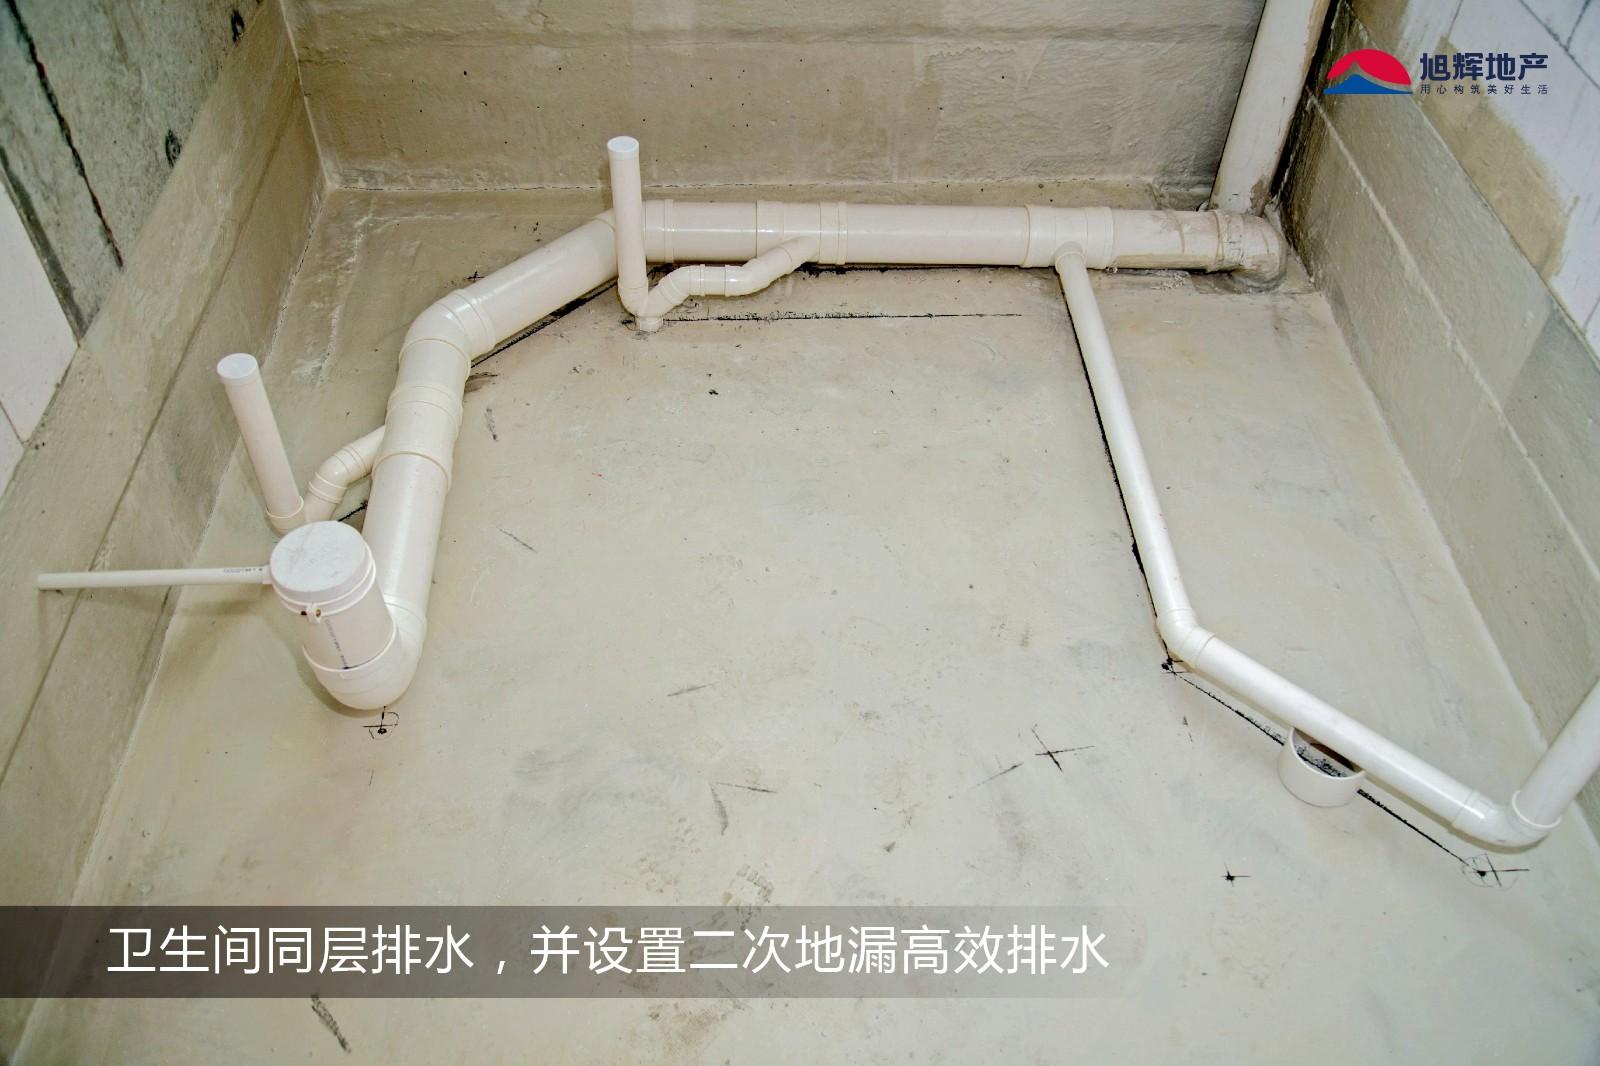 卫生间同层排水,并设置二次地漏高效排水